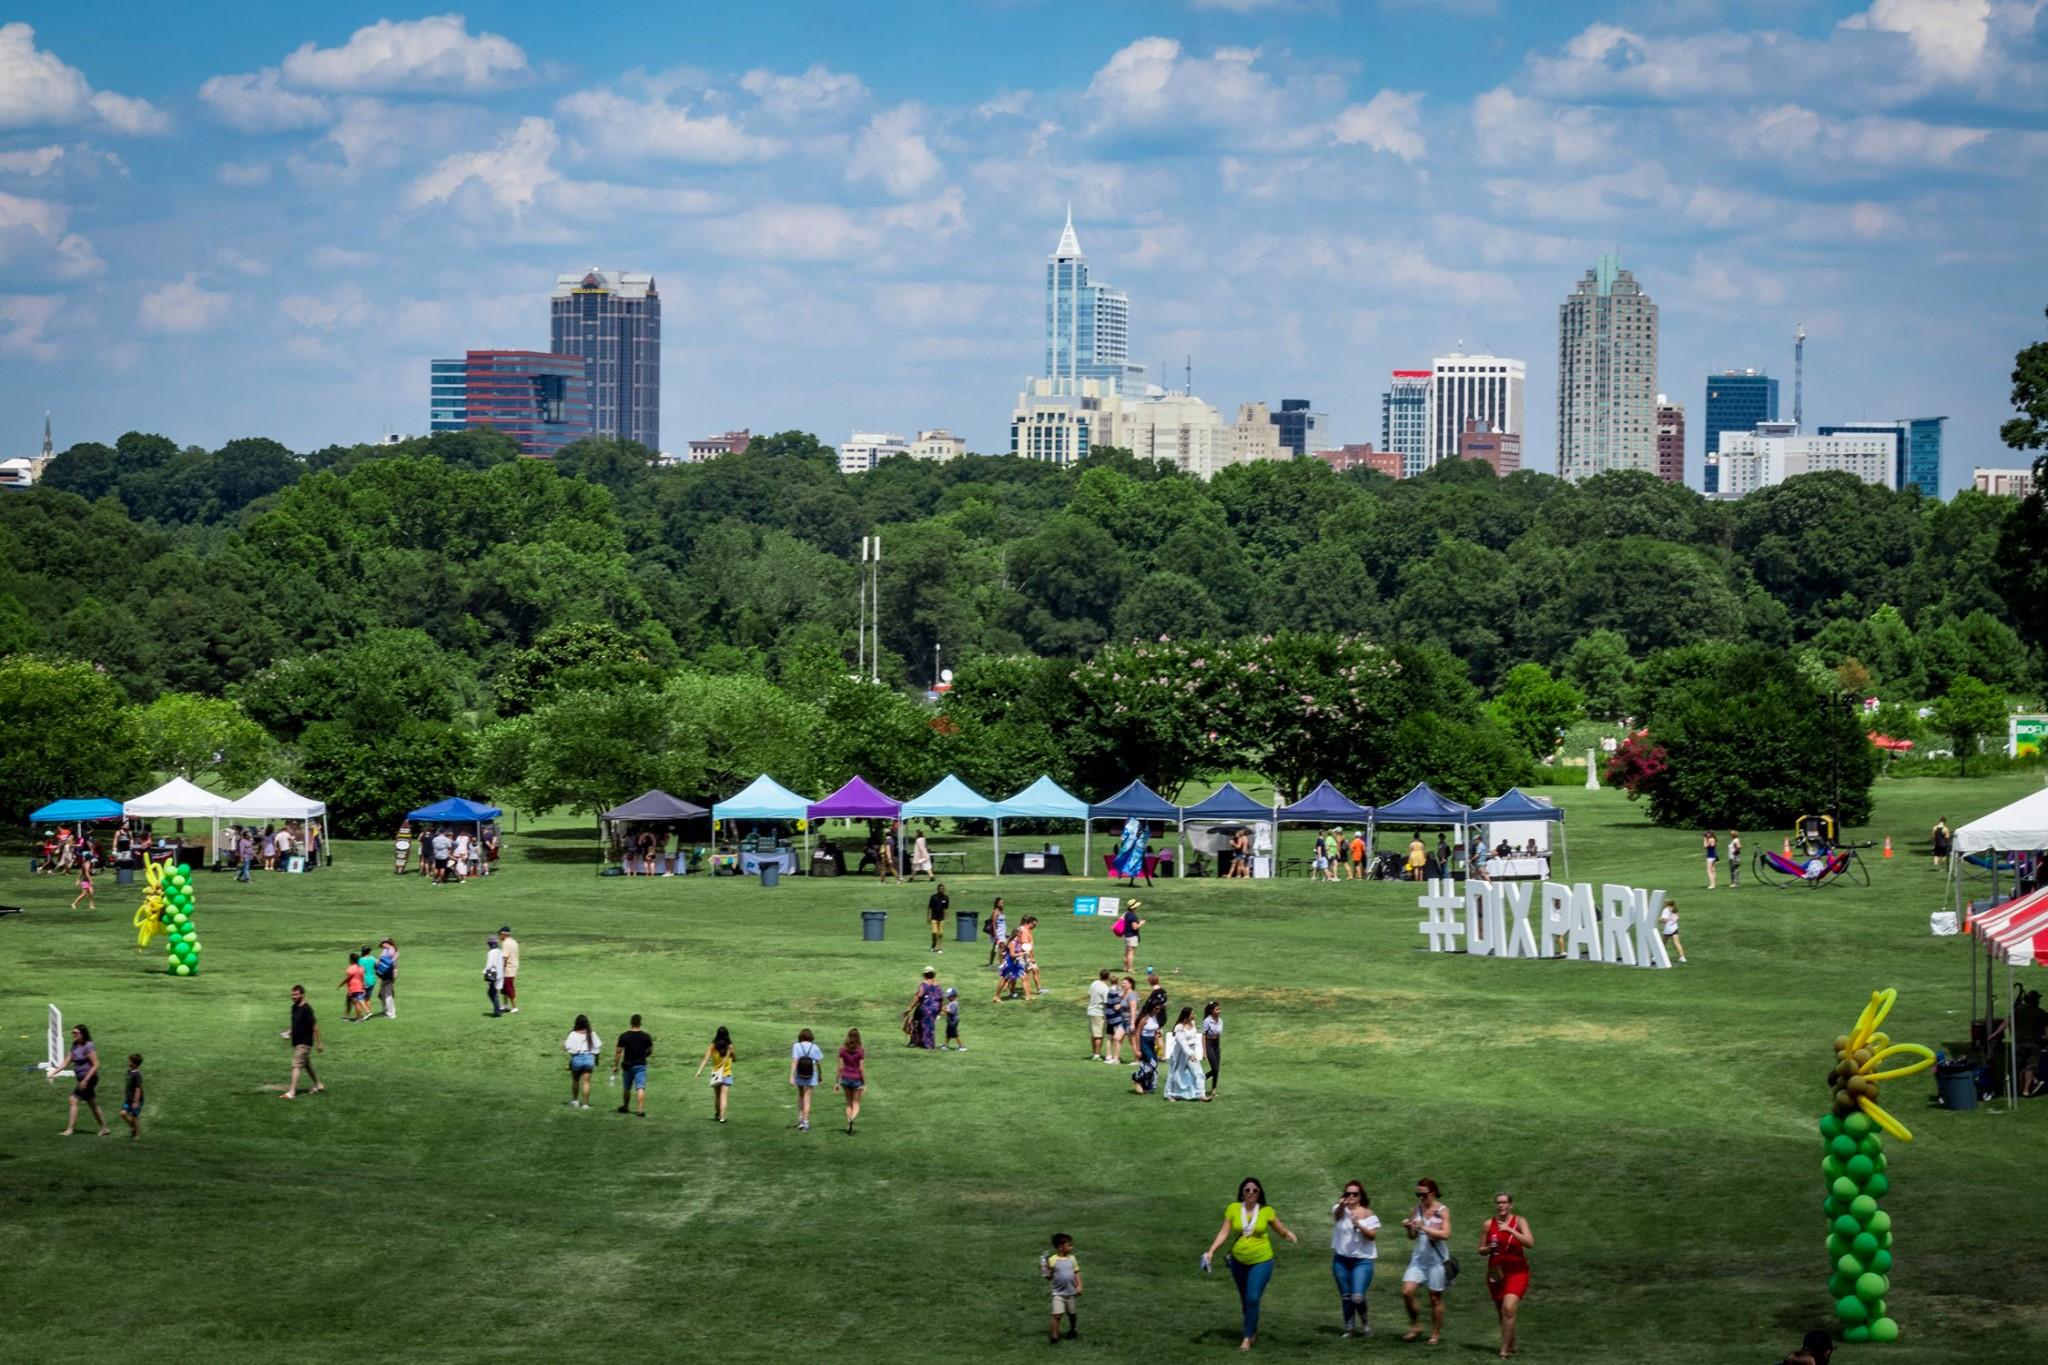 Festival at Dix Park